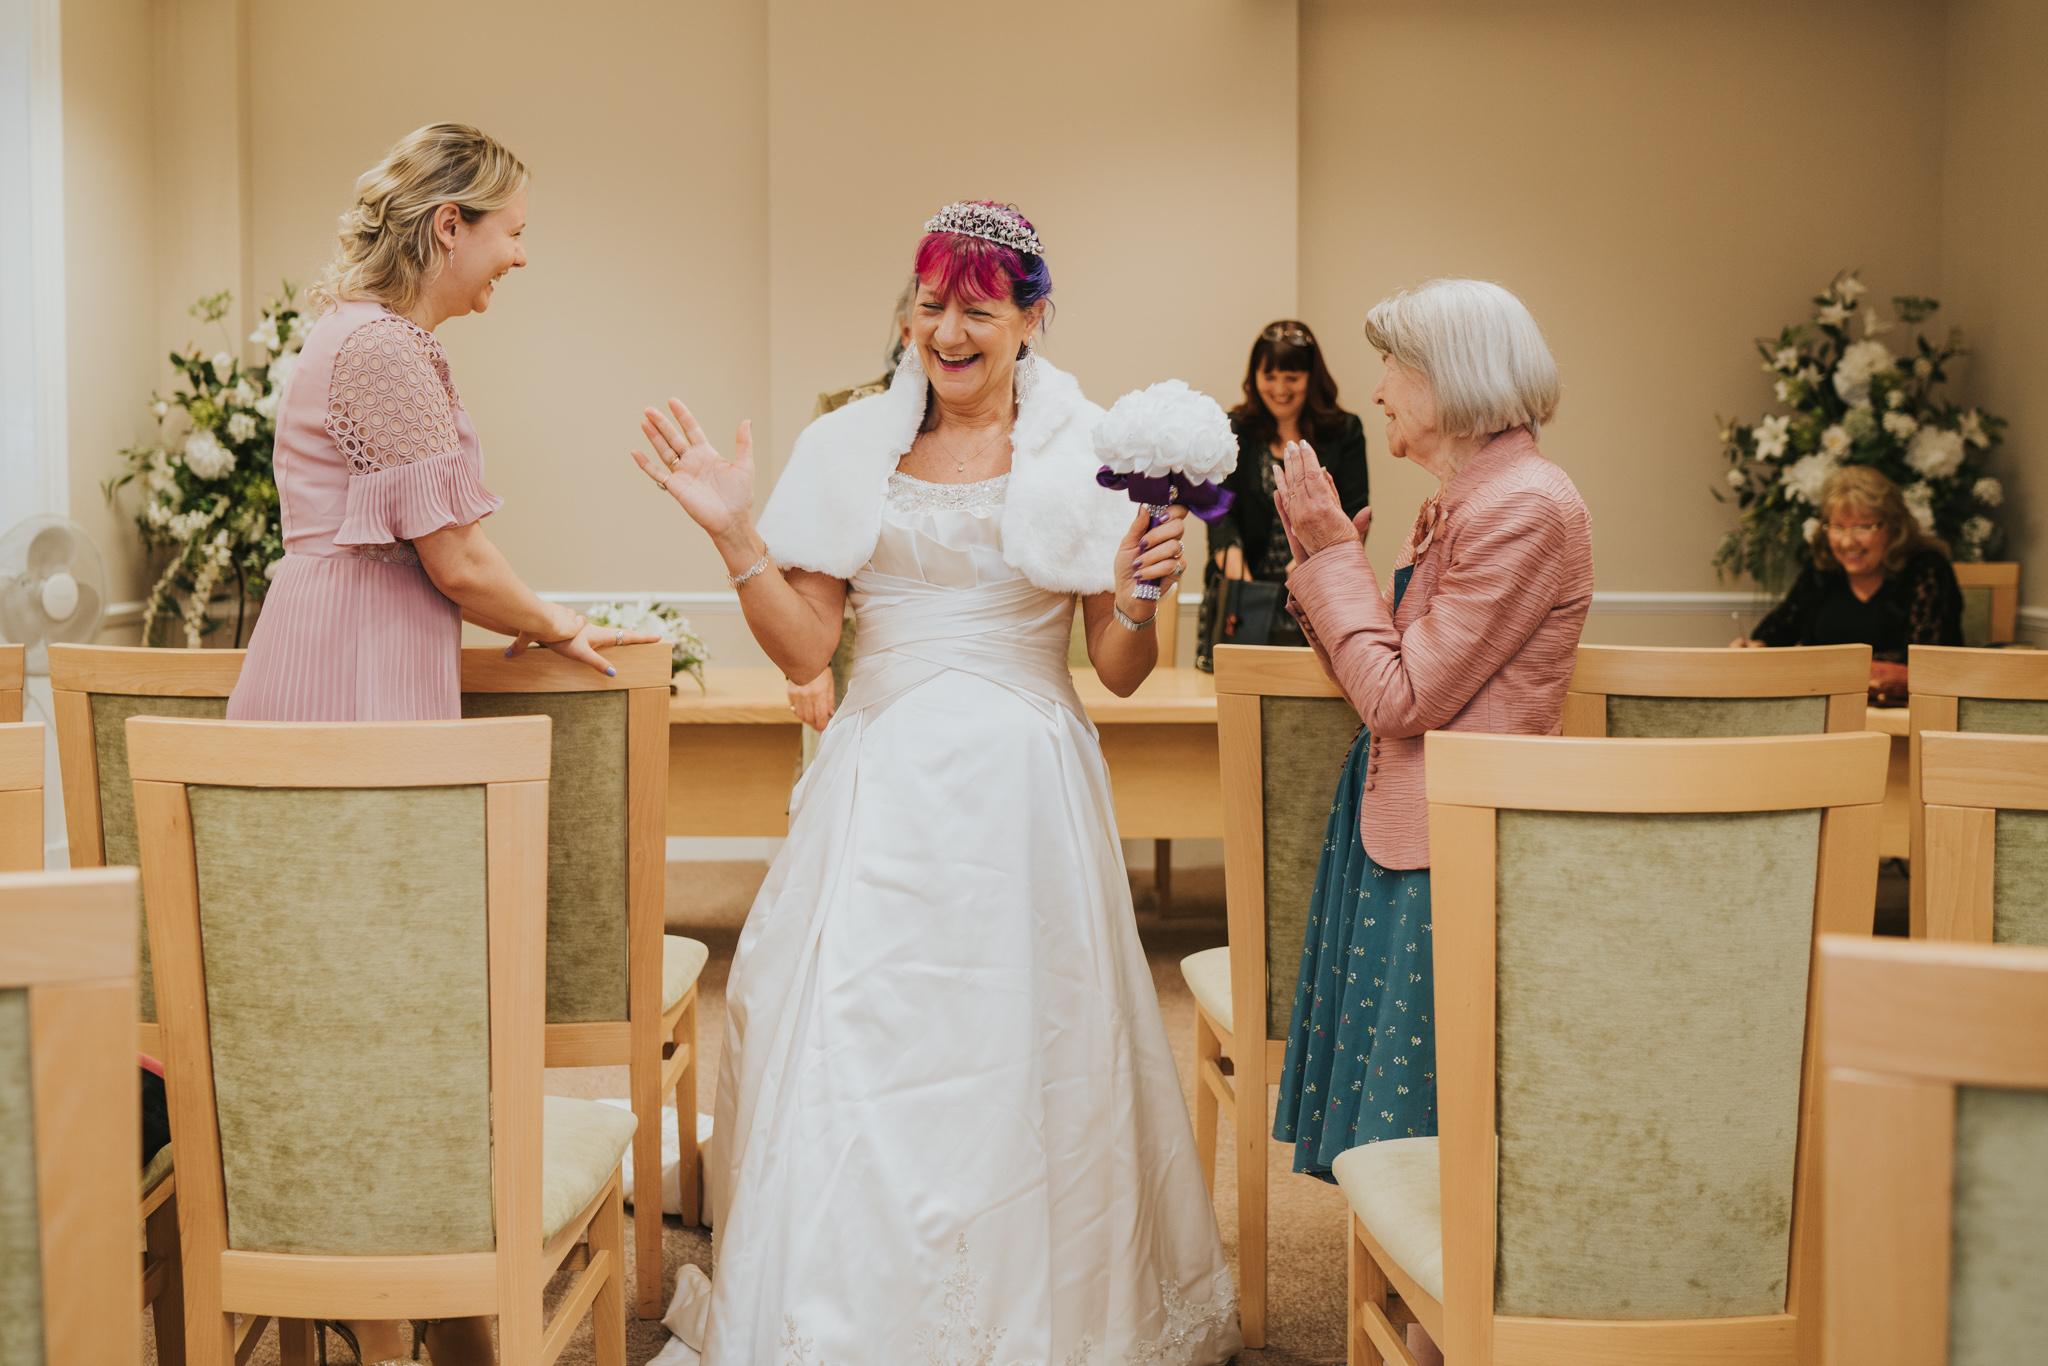 david-kim-elopement-colchester-essex-alternative-wedding-photographer-grace-elizabeth-essex-suffolk-norfolk-devon (26 of 38).jpg